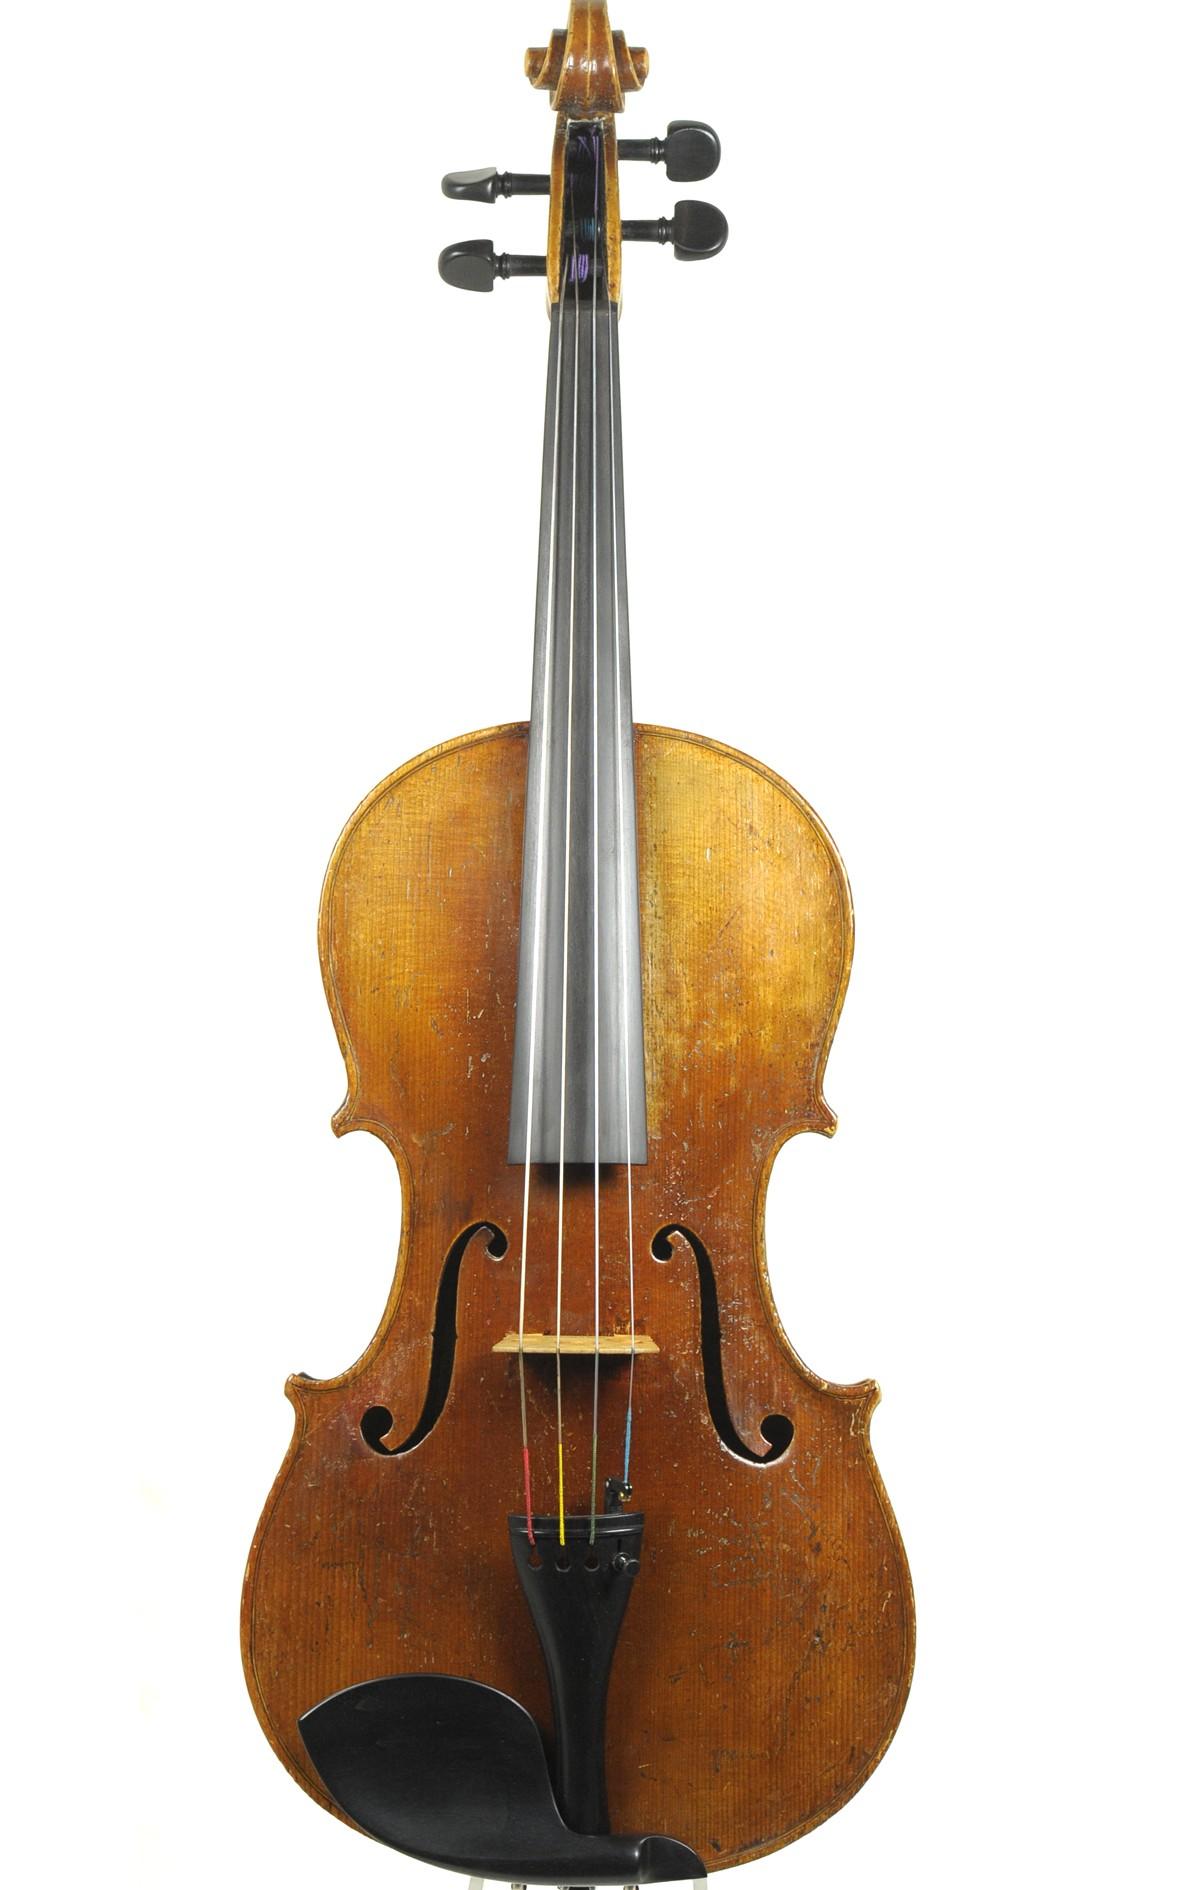 Antique 19th century Vienna viola, approx. 1870 - top